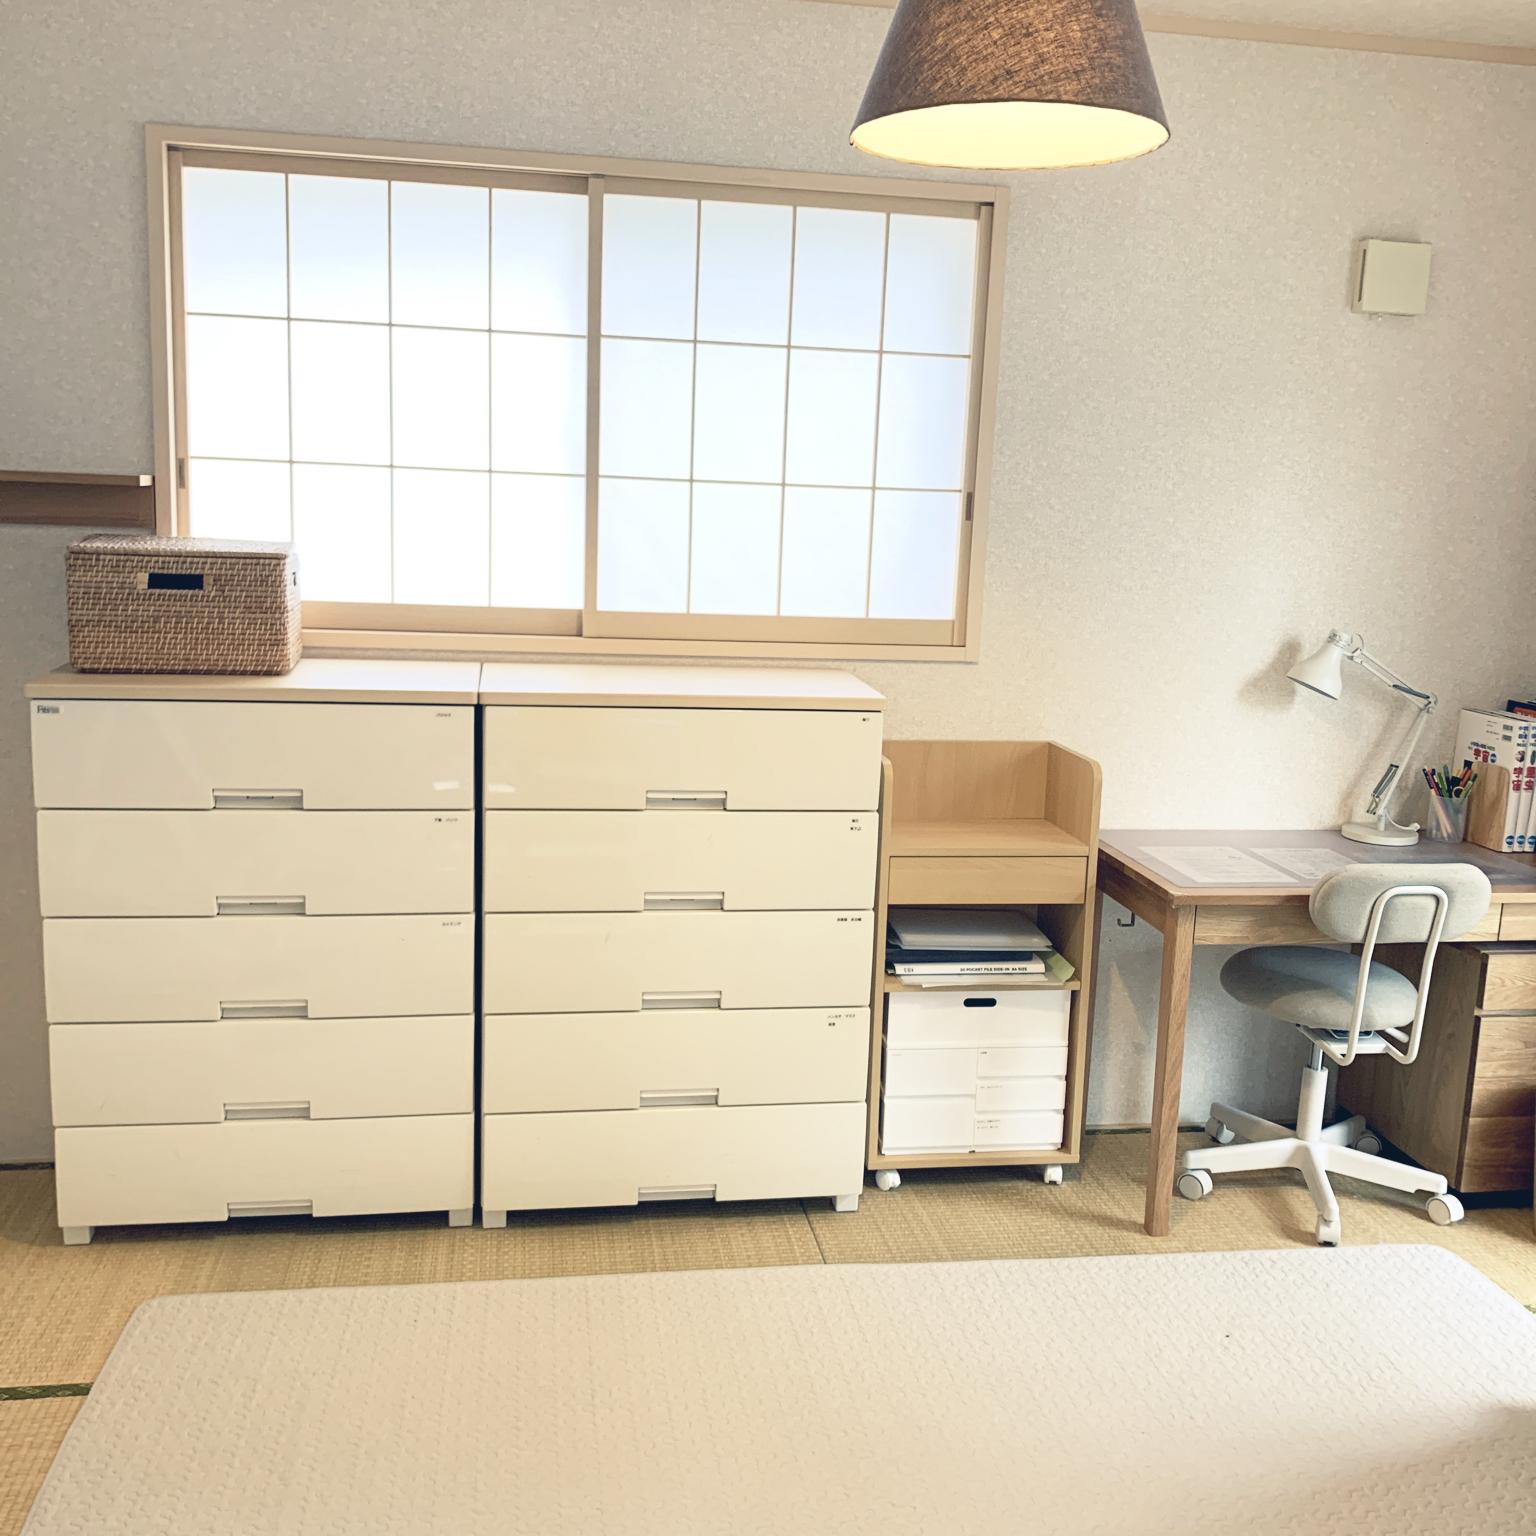 イブルマット/和室/こども部屋/無印良品/IKEA...などのインテリア実例 - 2021-05-12 15:13:40